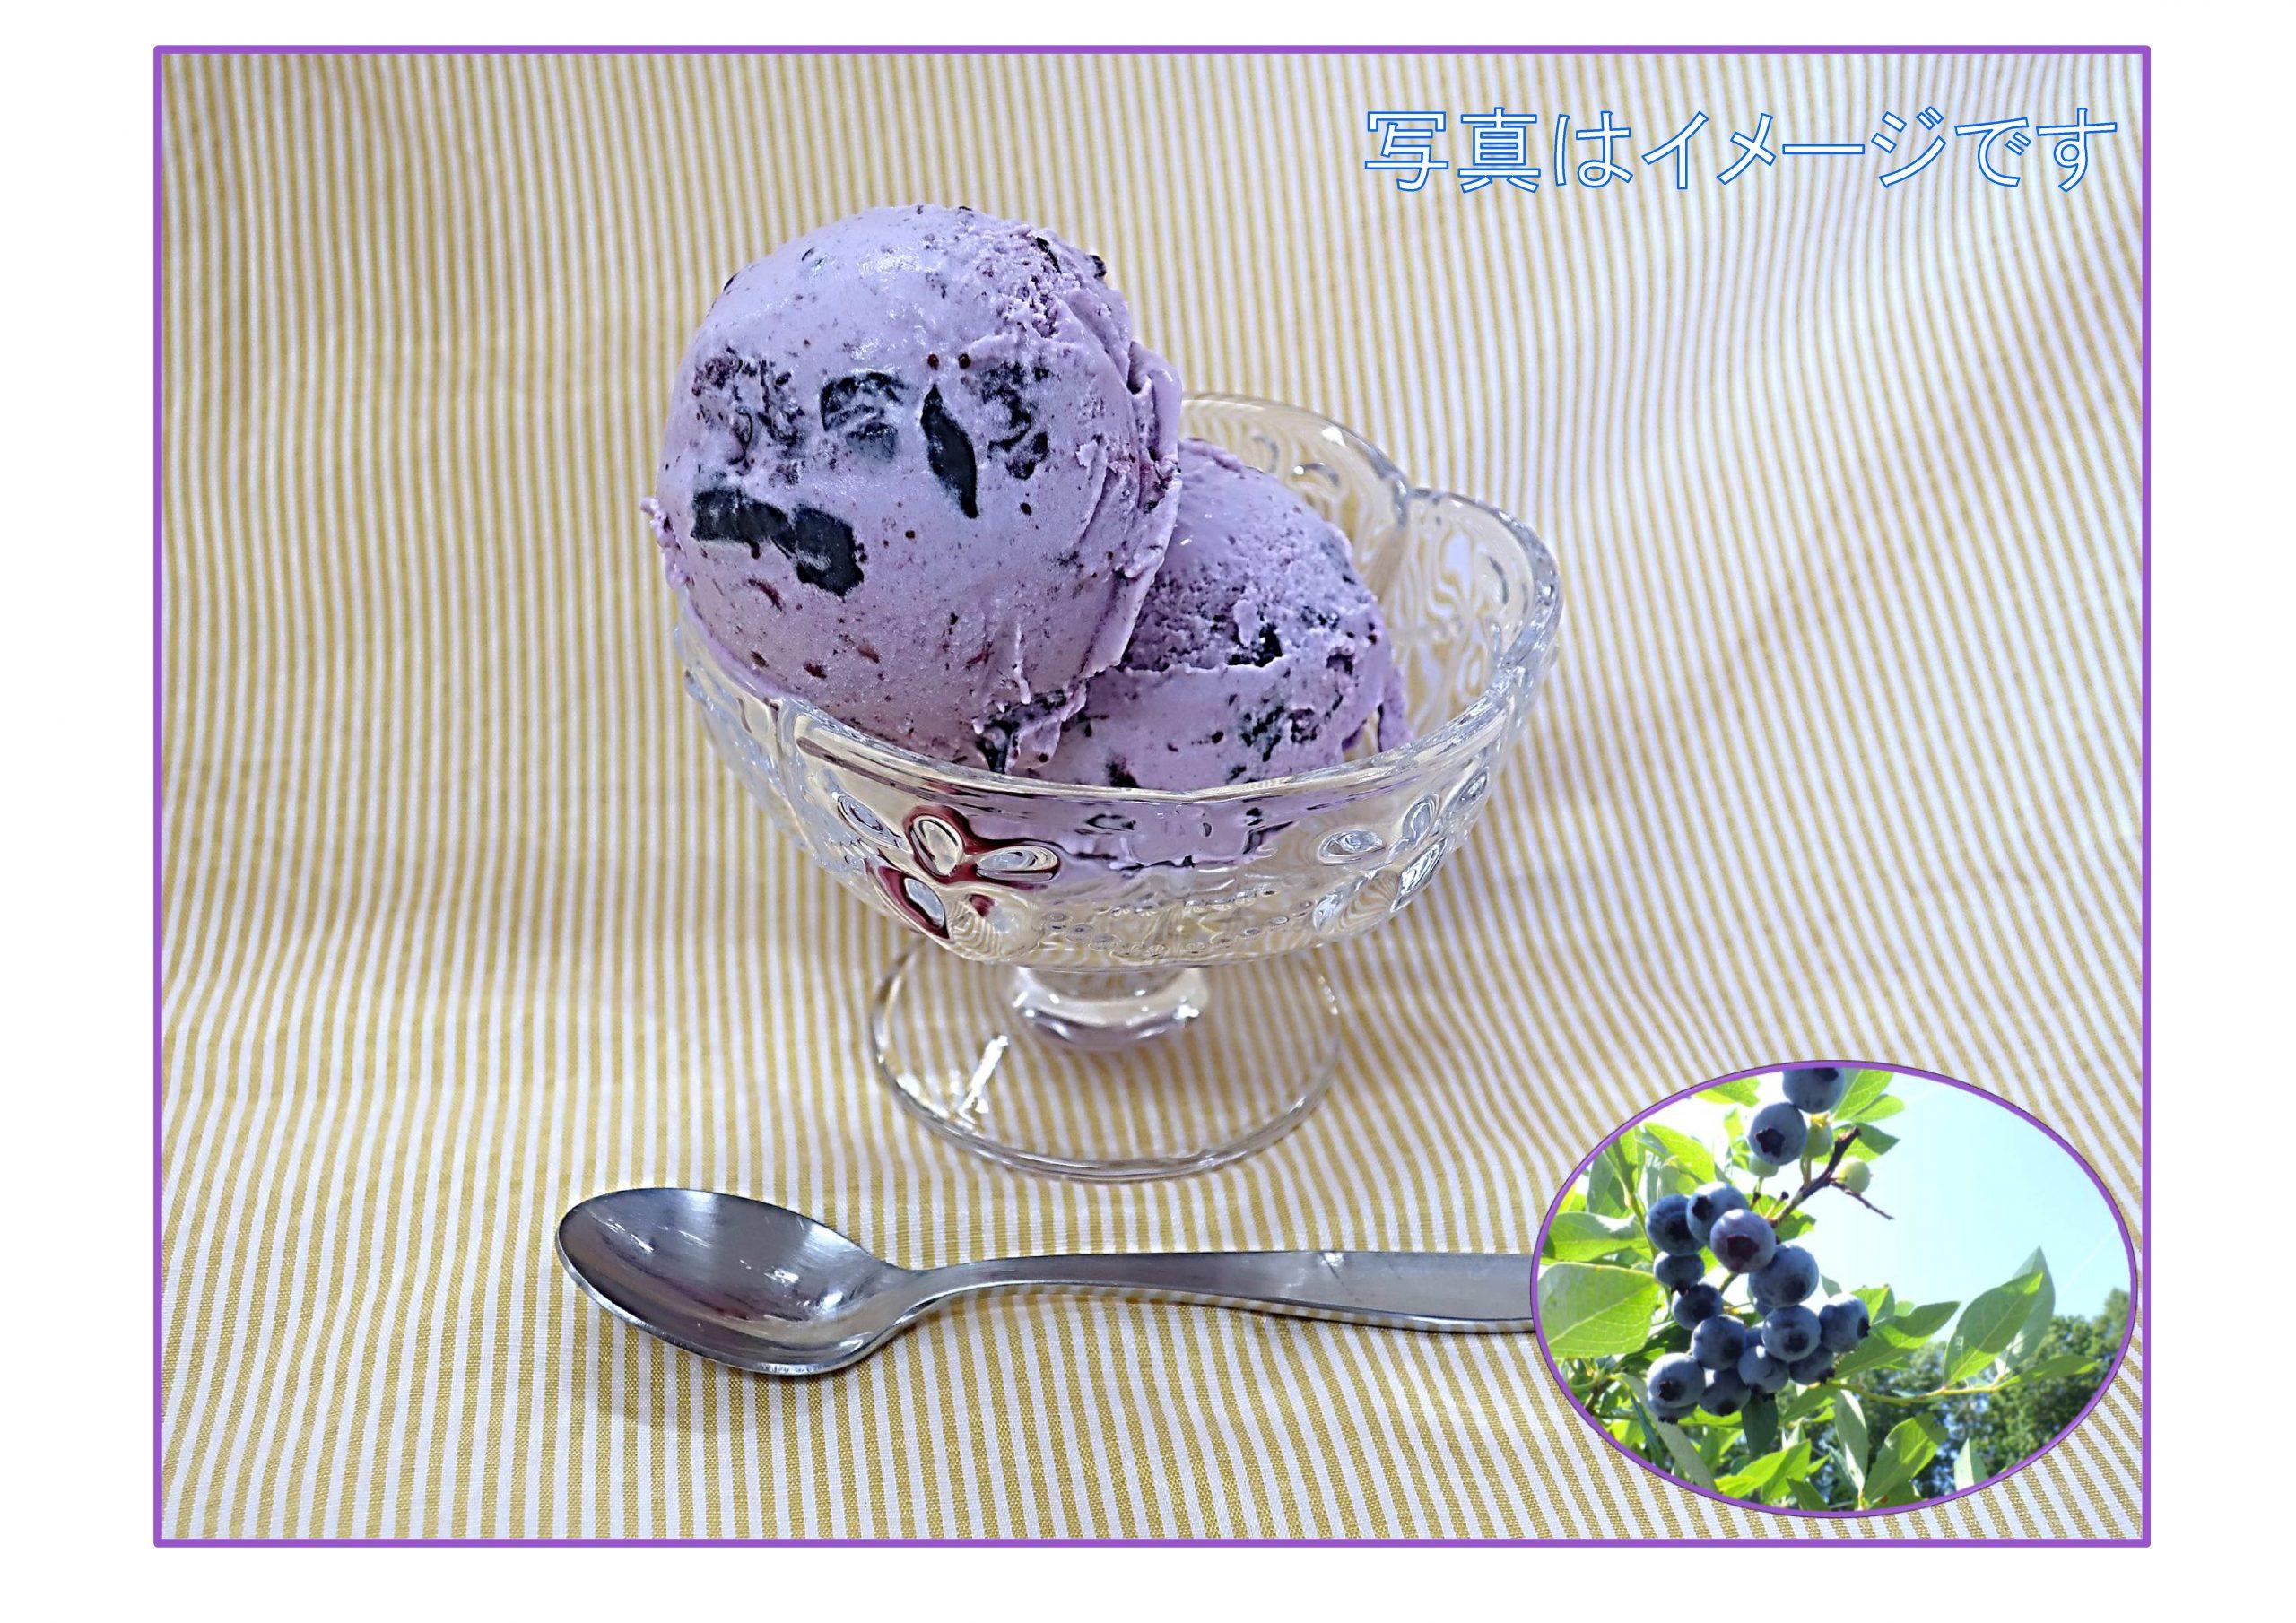 ブルーベリーを収穫してアイスを作ろう